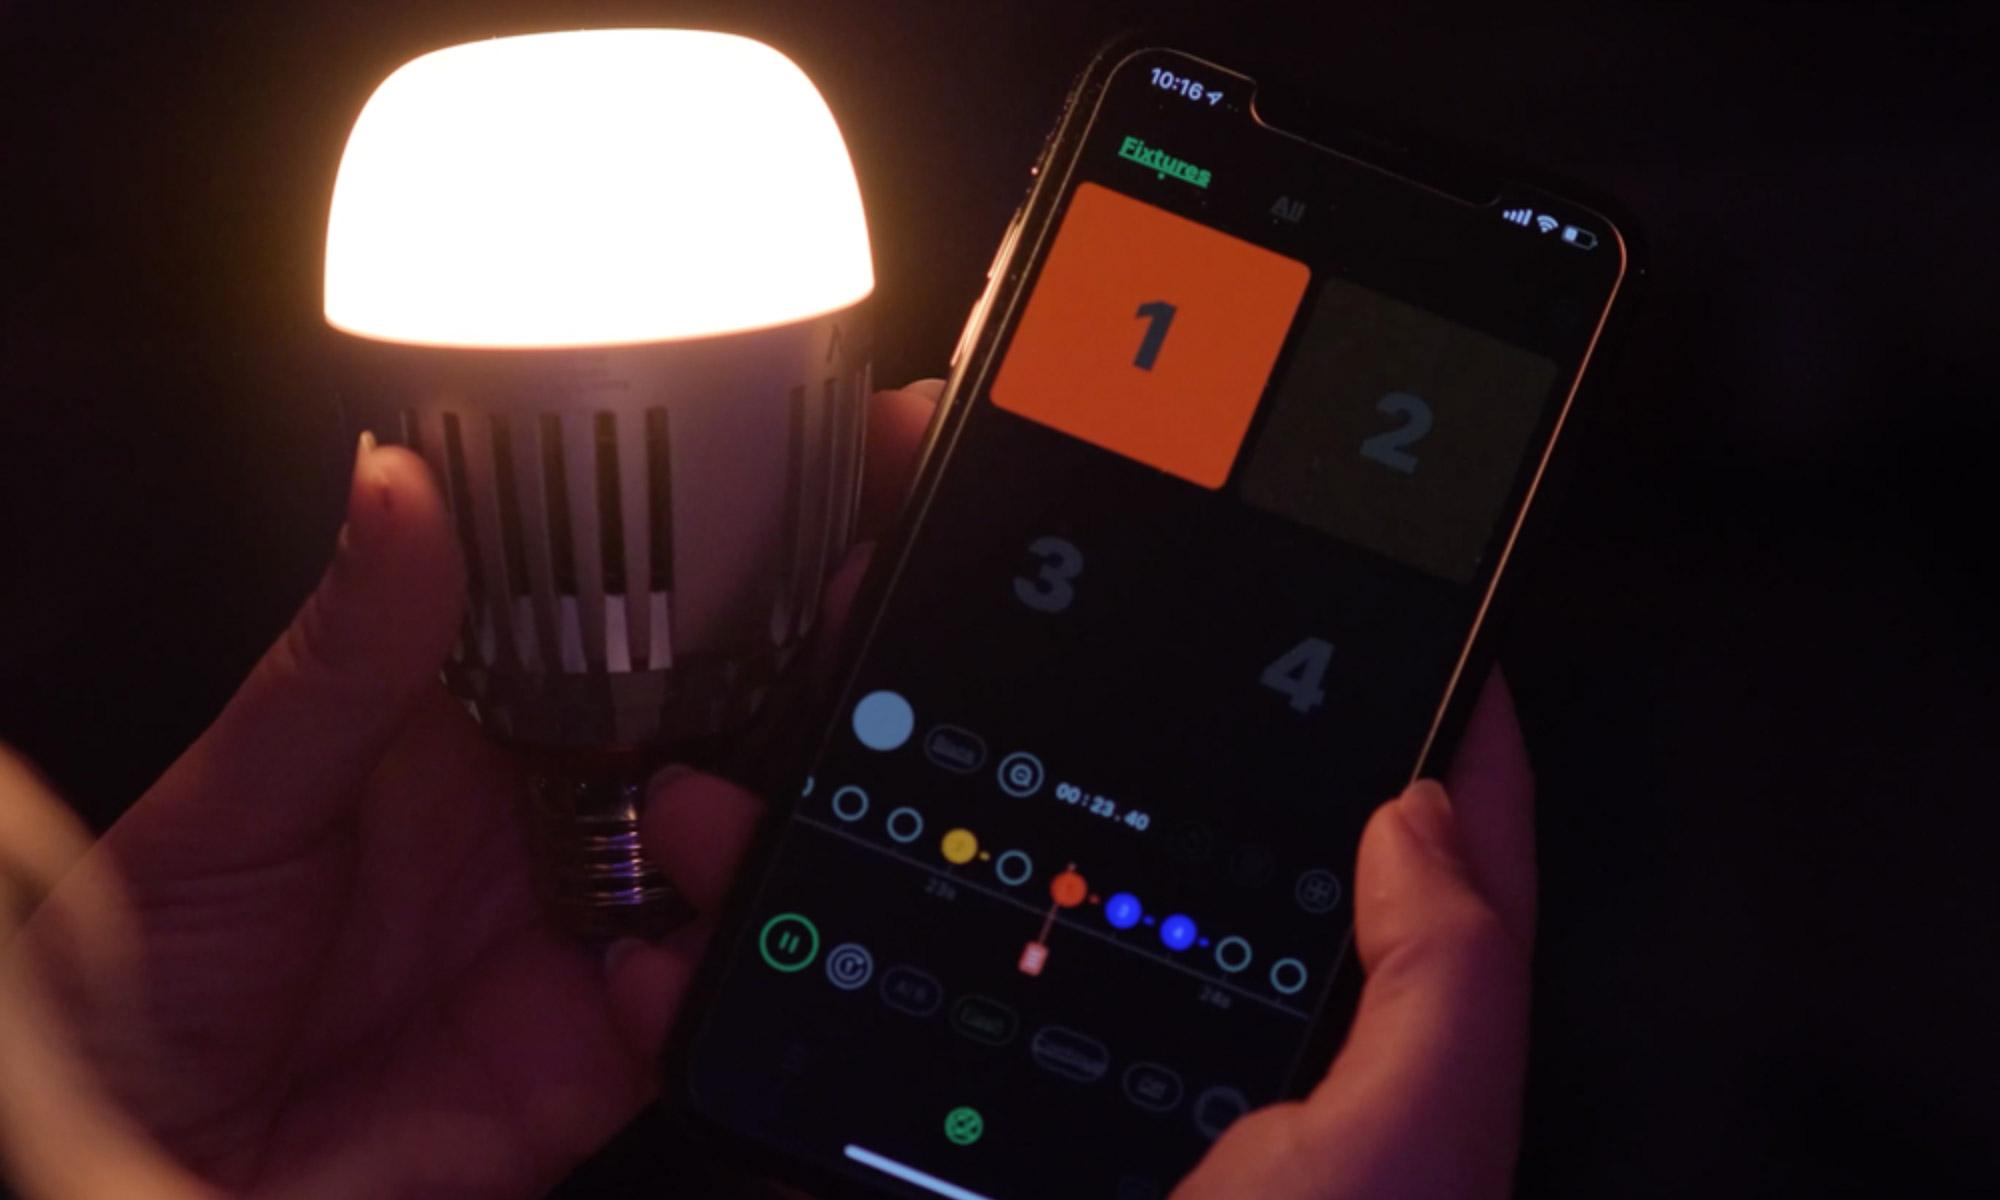 Sterowanie żarówką LED Aputure Accent B7c z poziomu smartfona